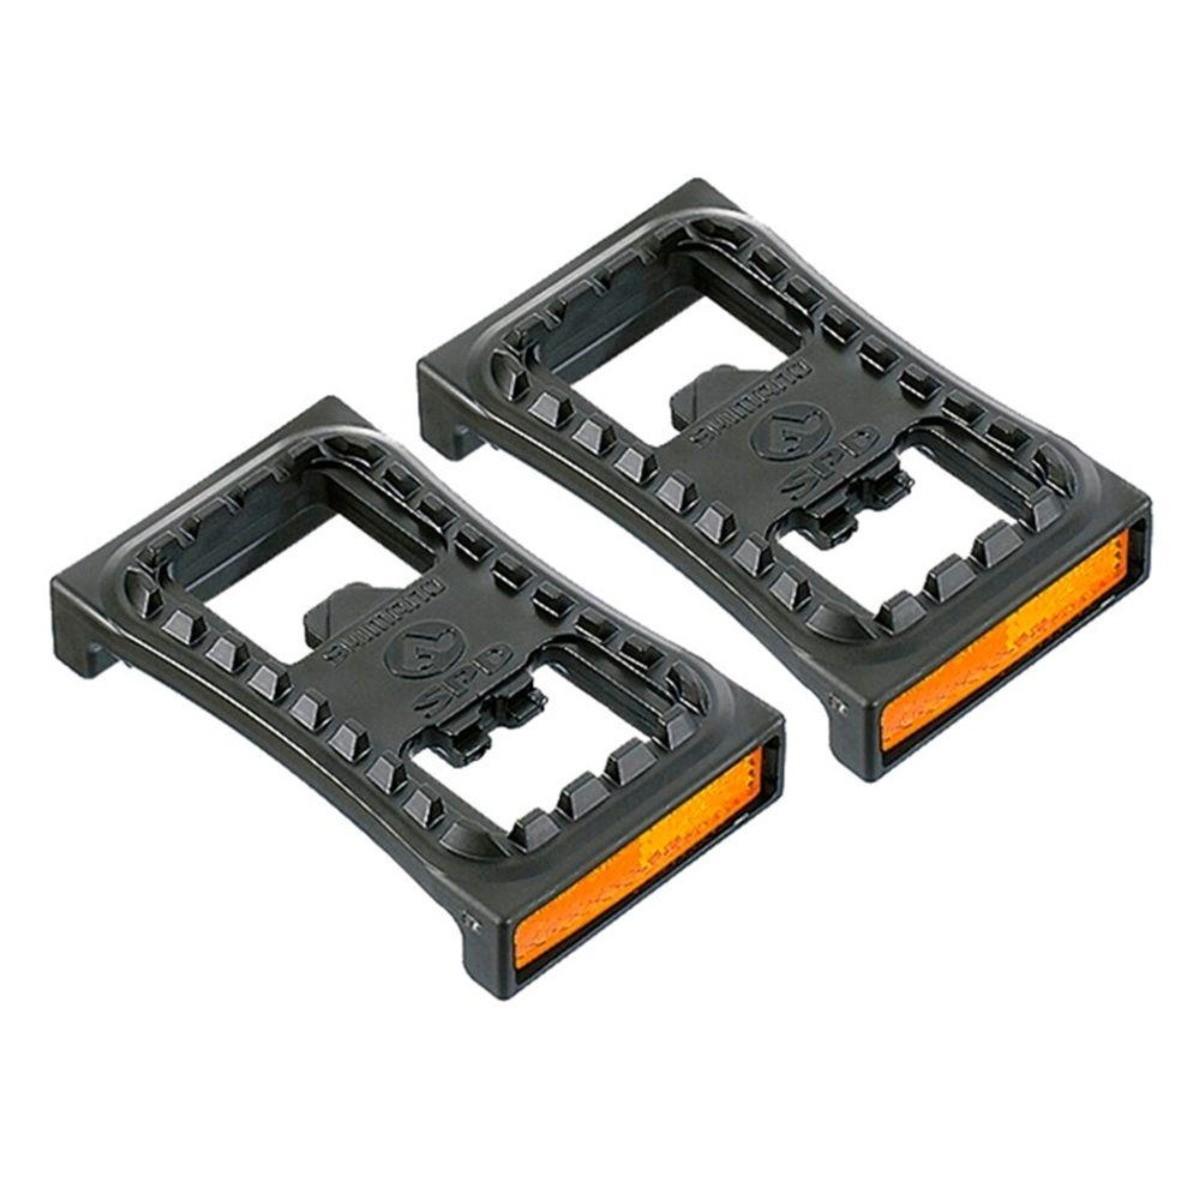 Plataforma Par Pedal Sm-pd22 Shimano M505 M520 M540 Mtb Spd